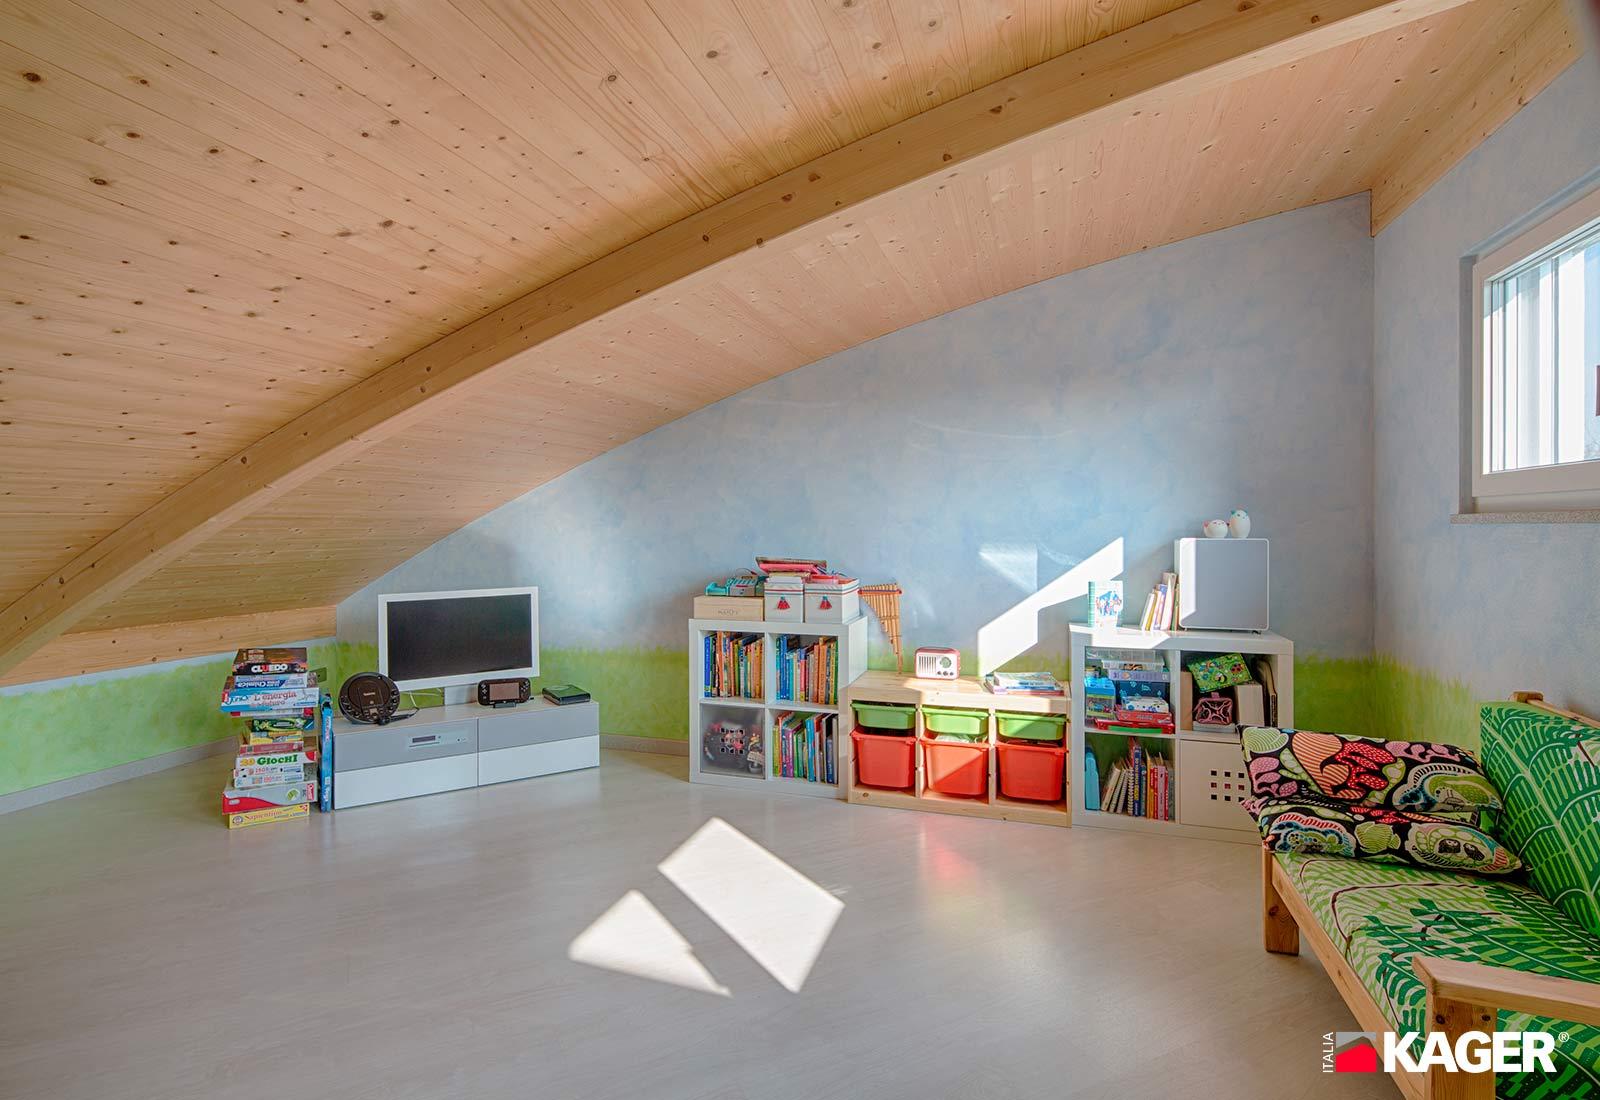 Casa-in-legno-Brebbia-Kager-Italia-12